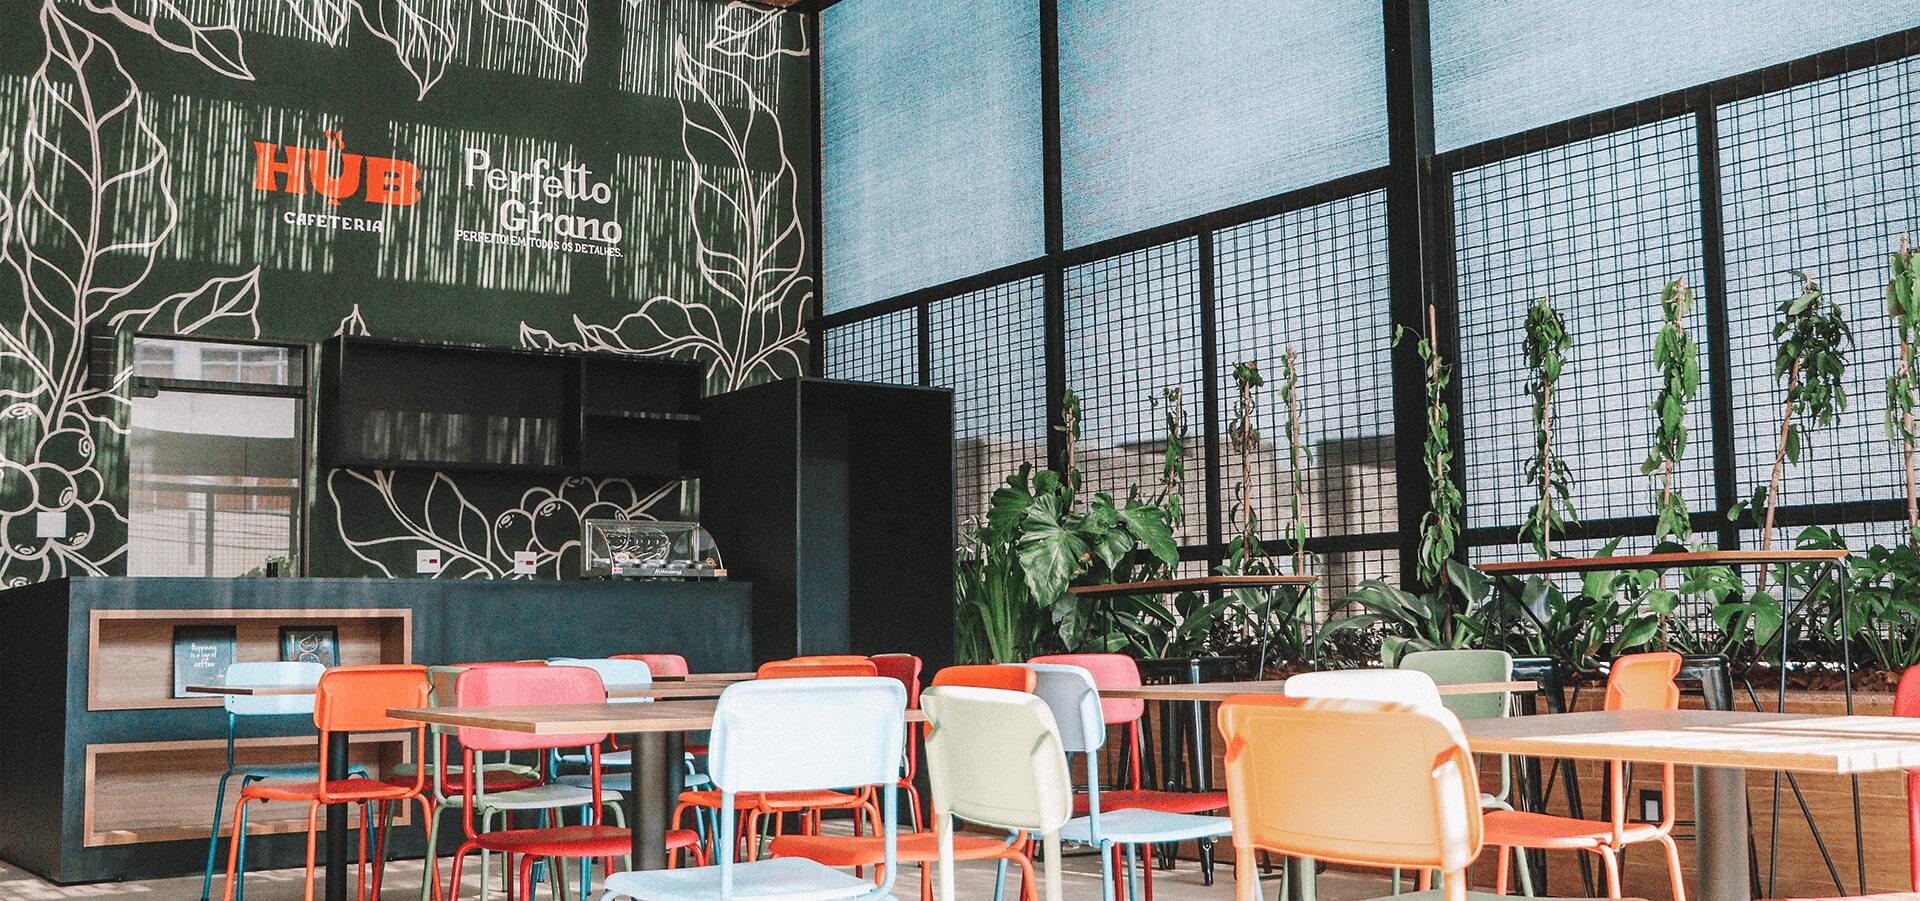 Estúdio Kuumba Create Hub Cafeteria Visual Identity